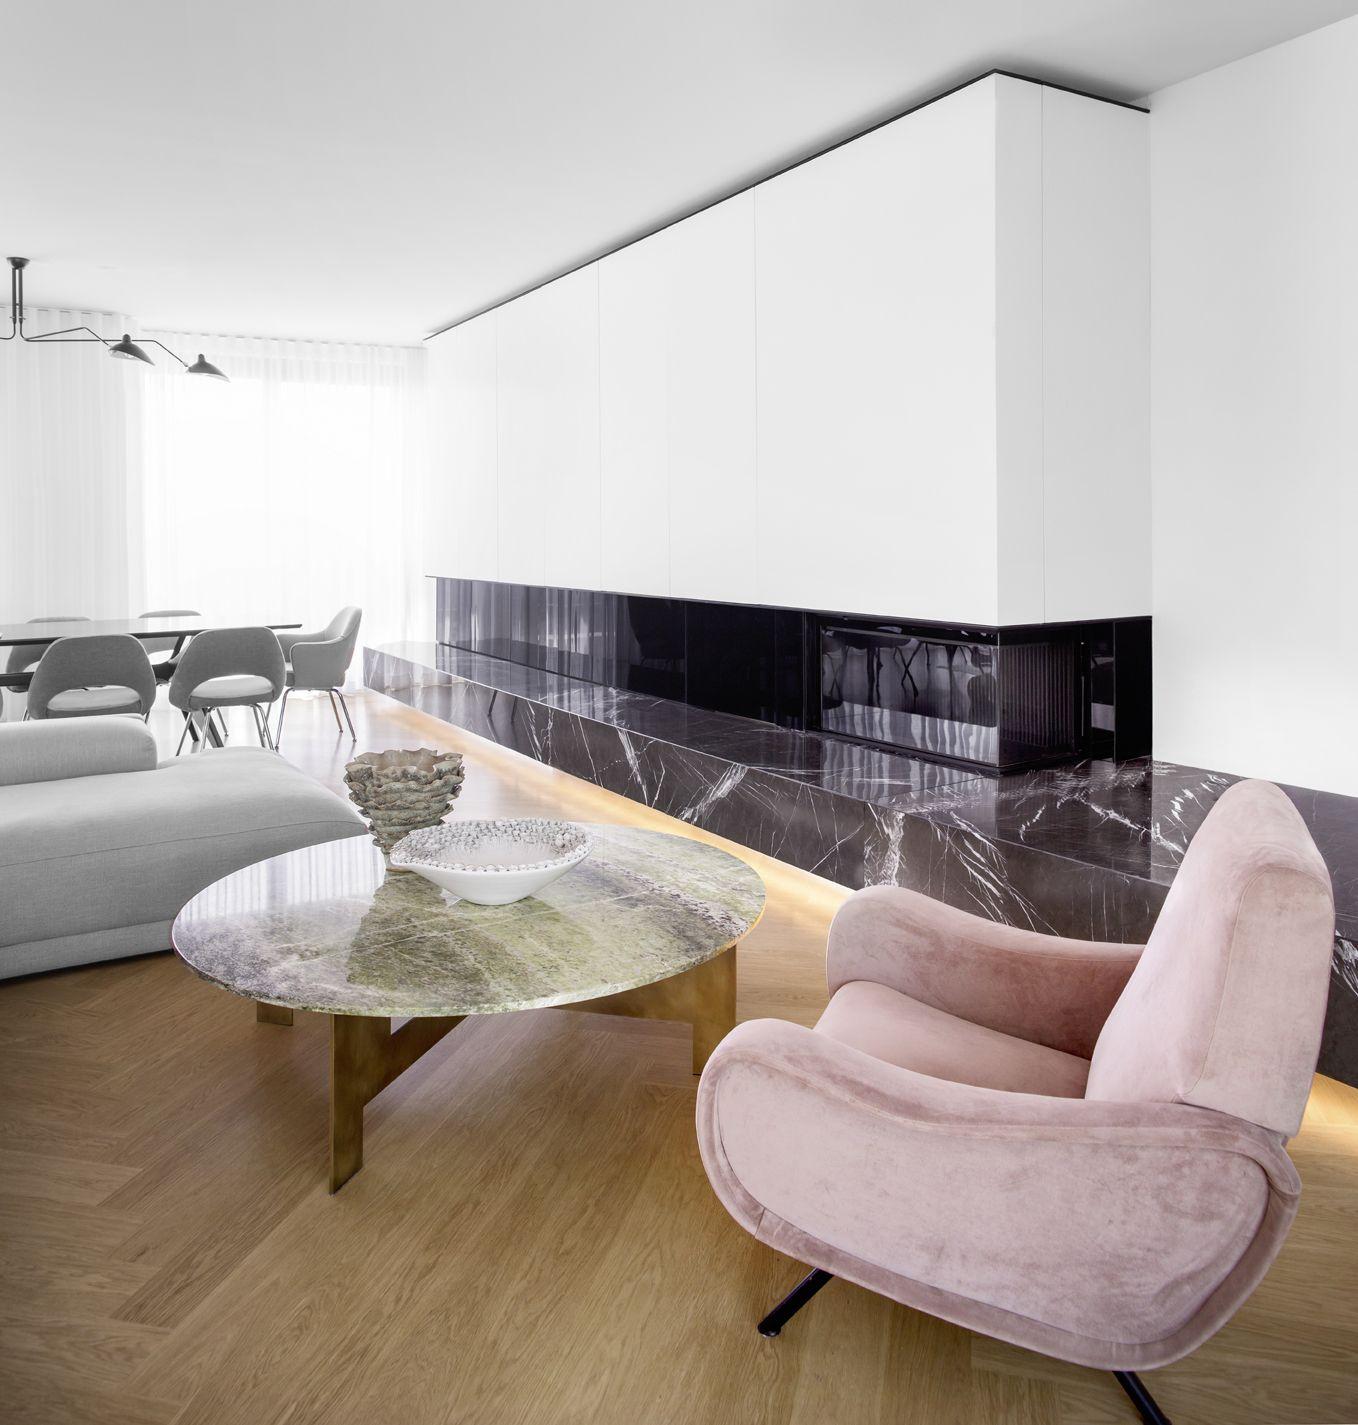 berlin - penthouse - living area - dining area - dining area ...